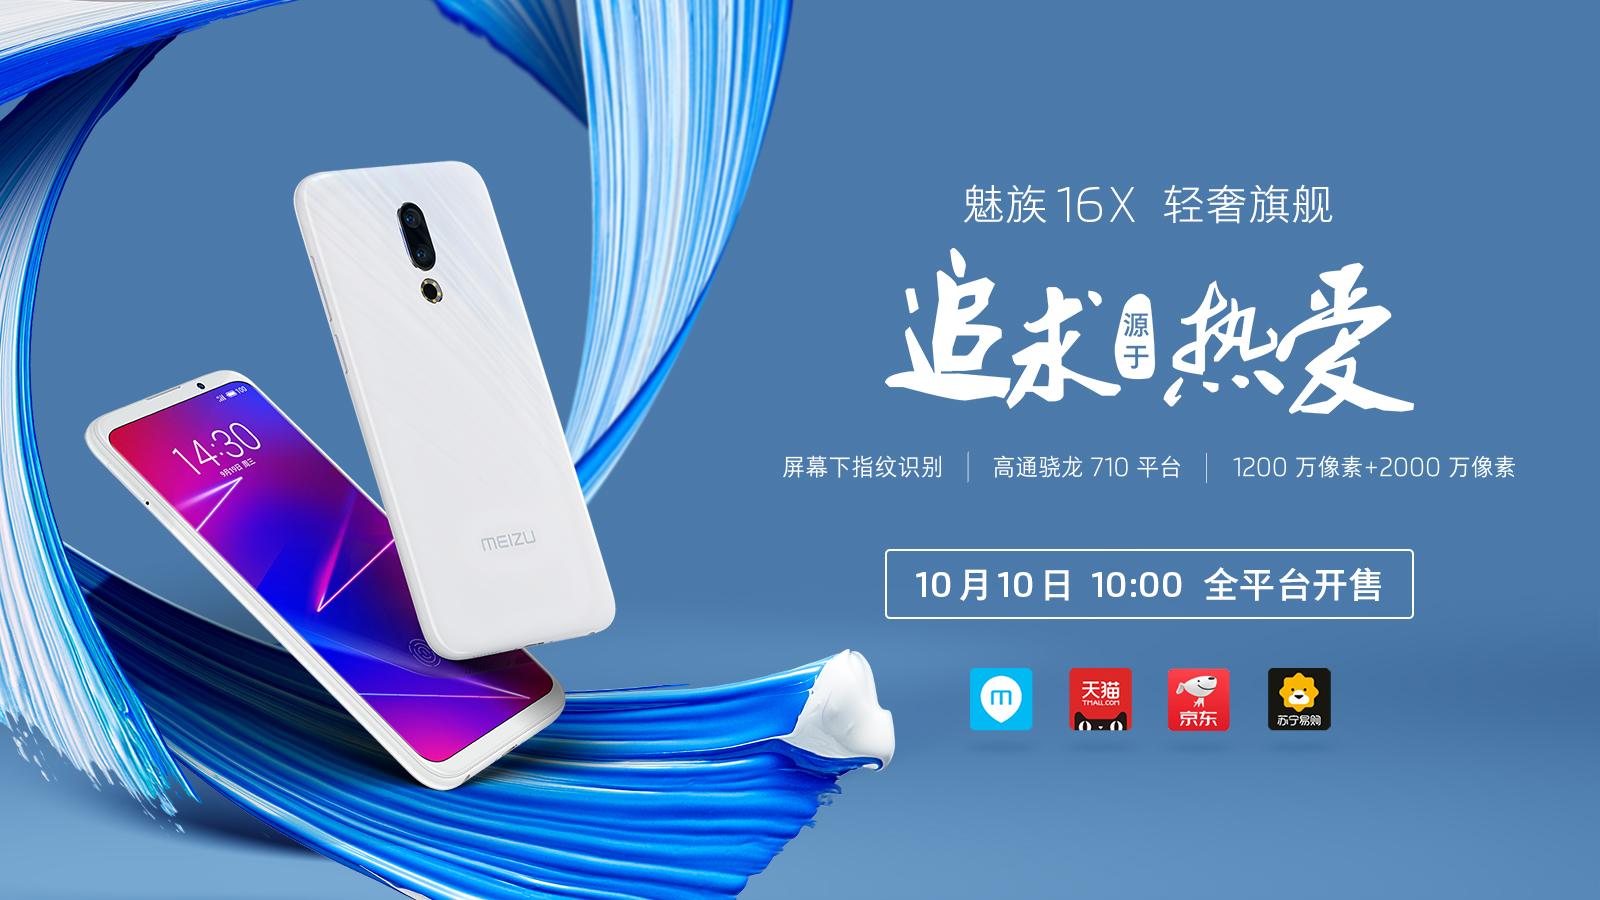 加紧备货 10月10日魅族16X全平台开售